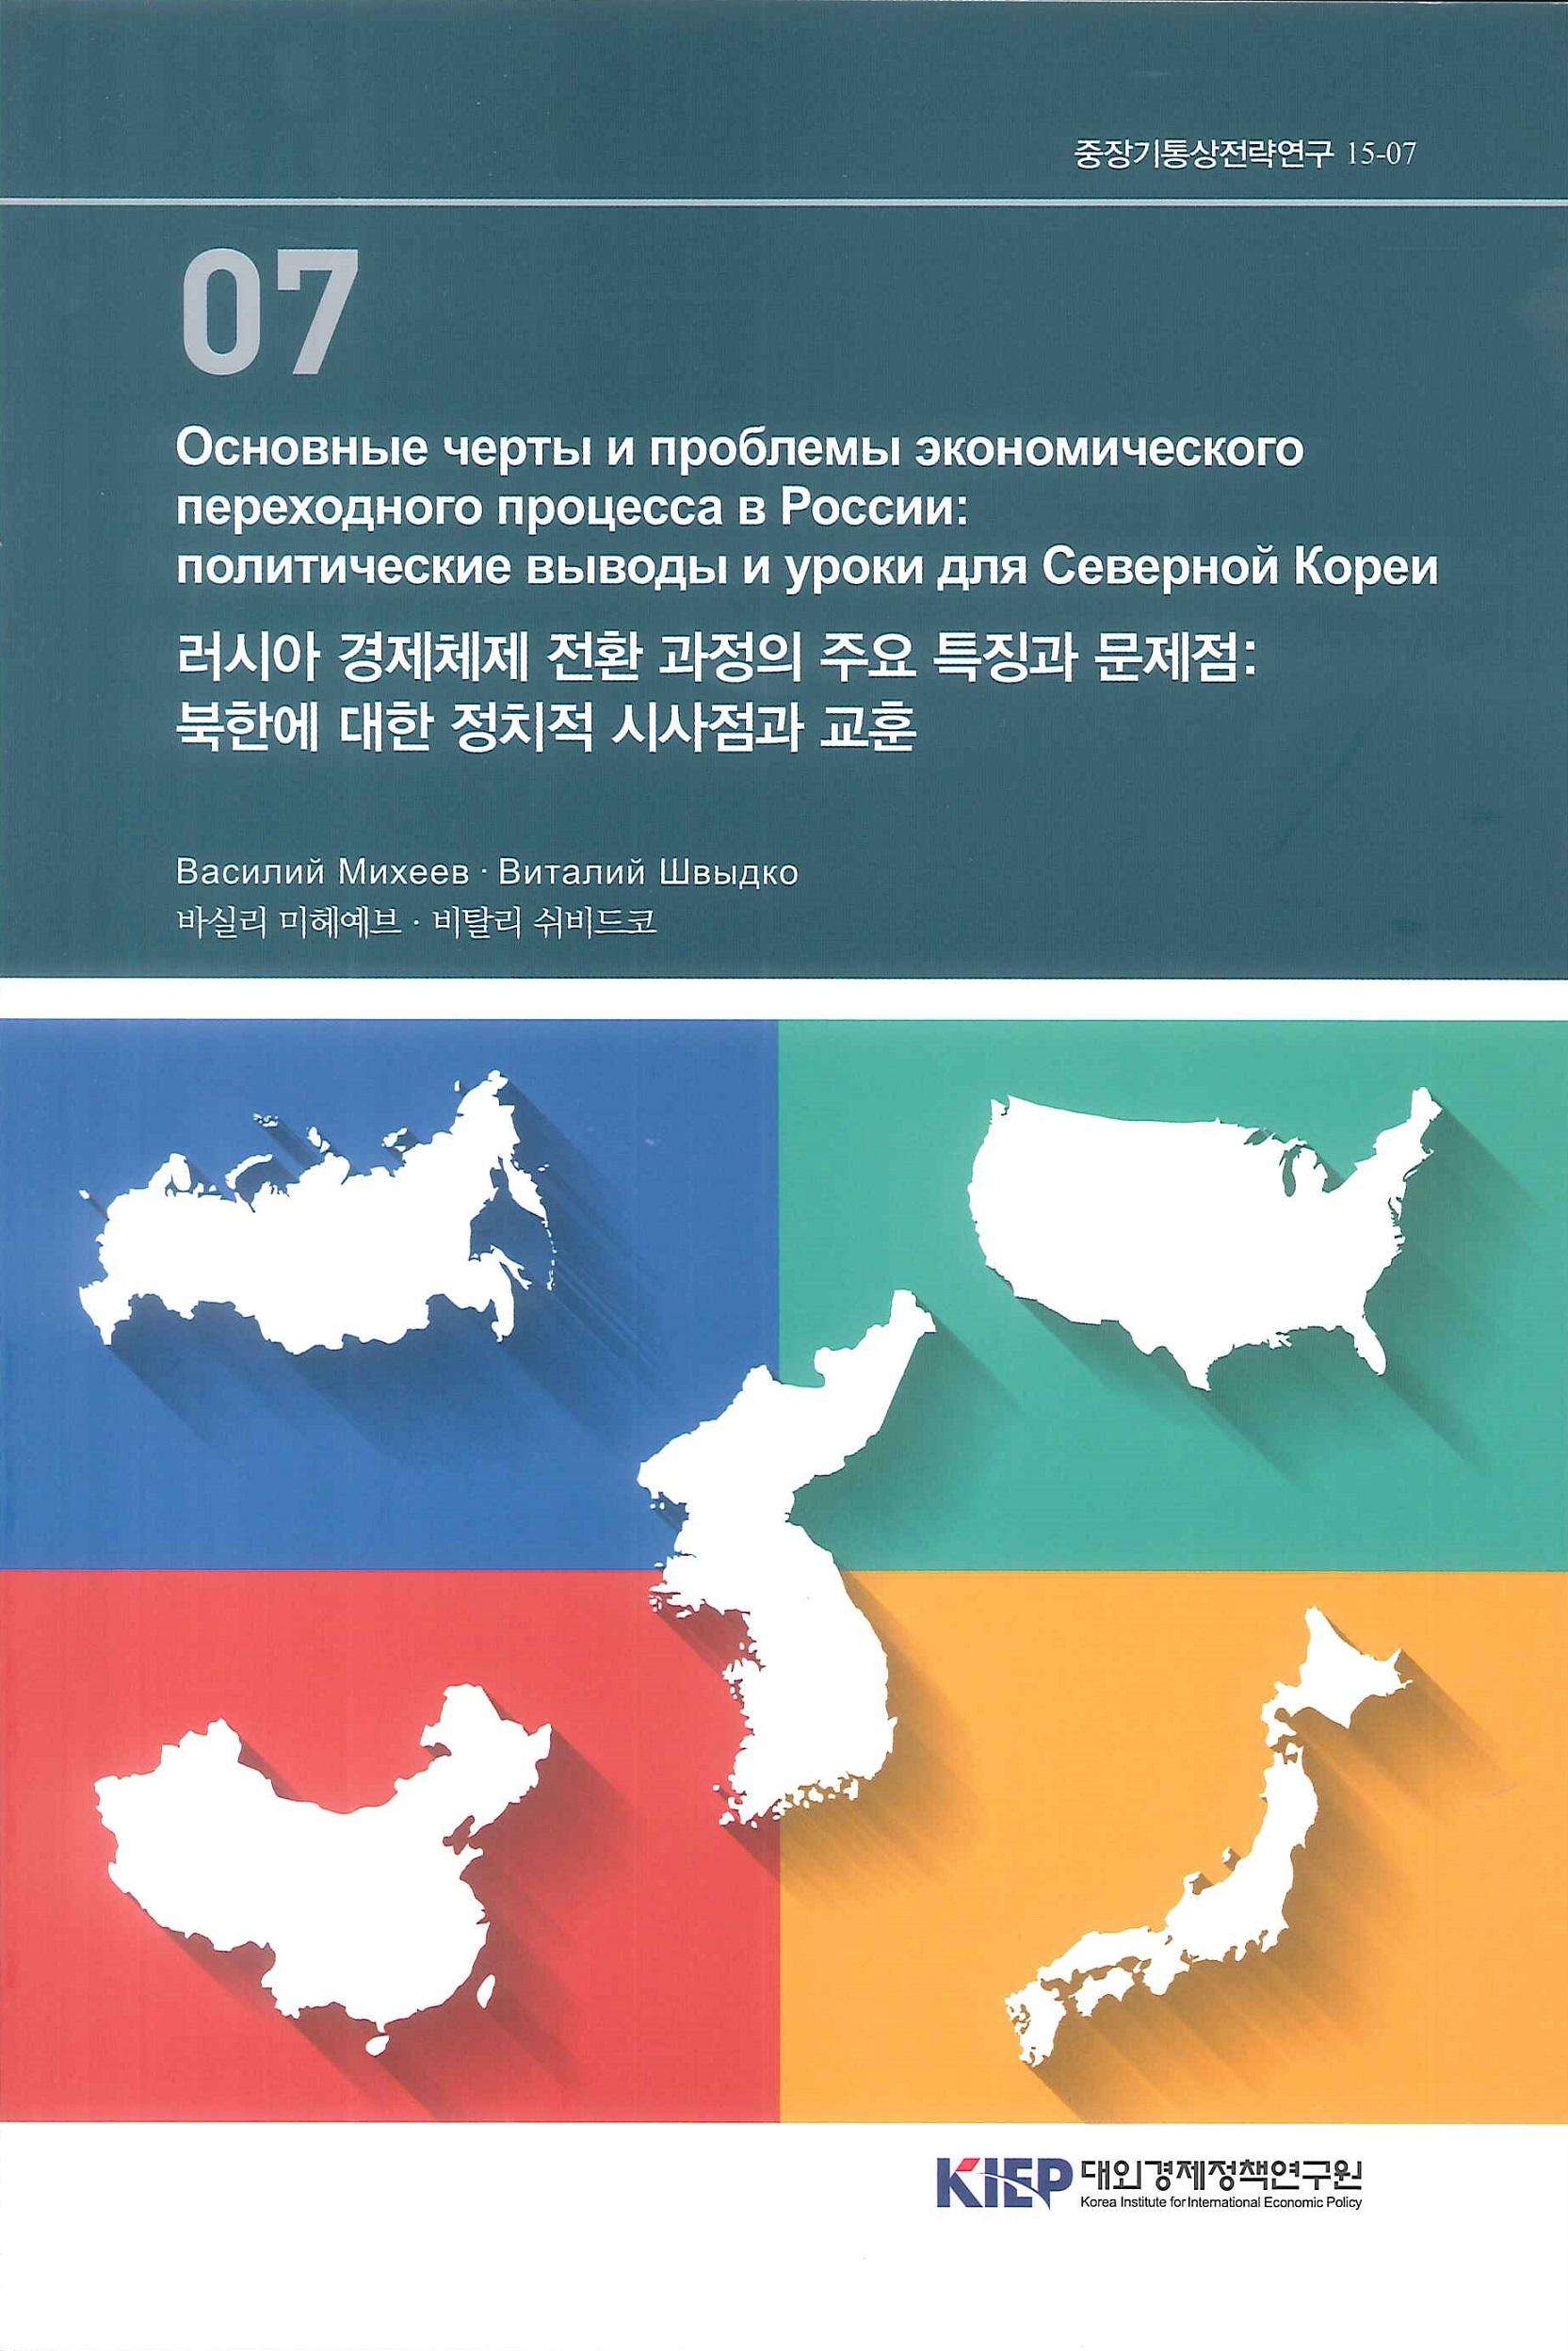 러시아 경제체제 전환 과정의 주요 특징과 문제점:북한에 대한 정치적 시사점과 교훈 =Основные черты и проблемы экономического переходного процесса в России: политические выводы и уроки для Северной Кореи